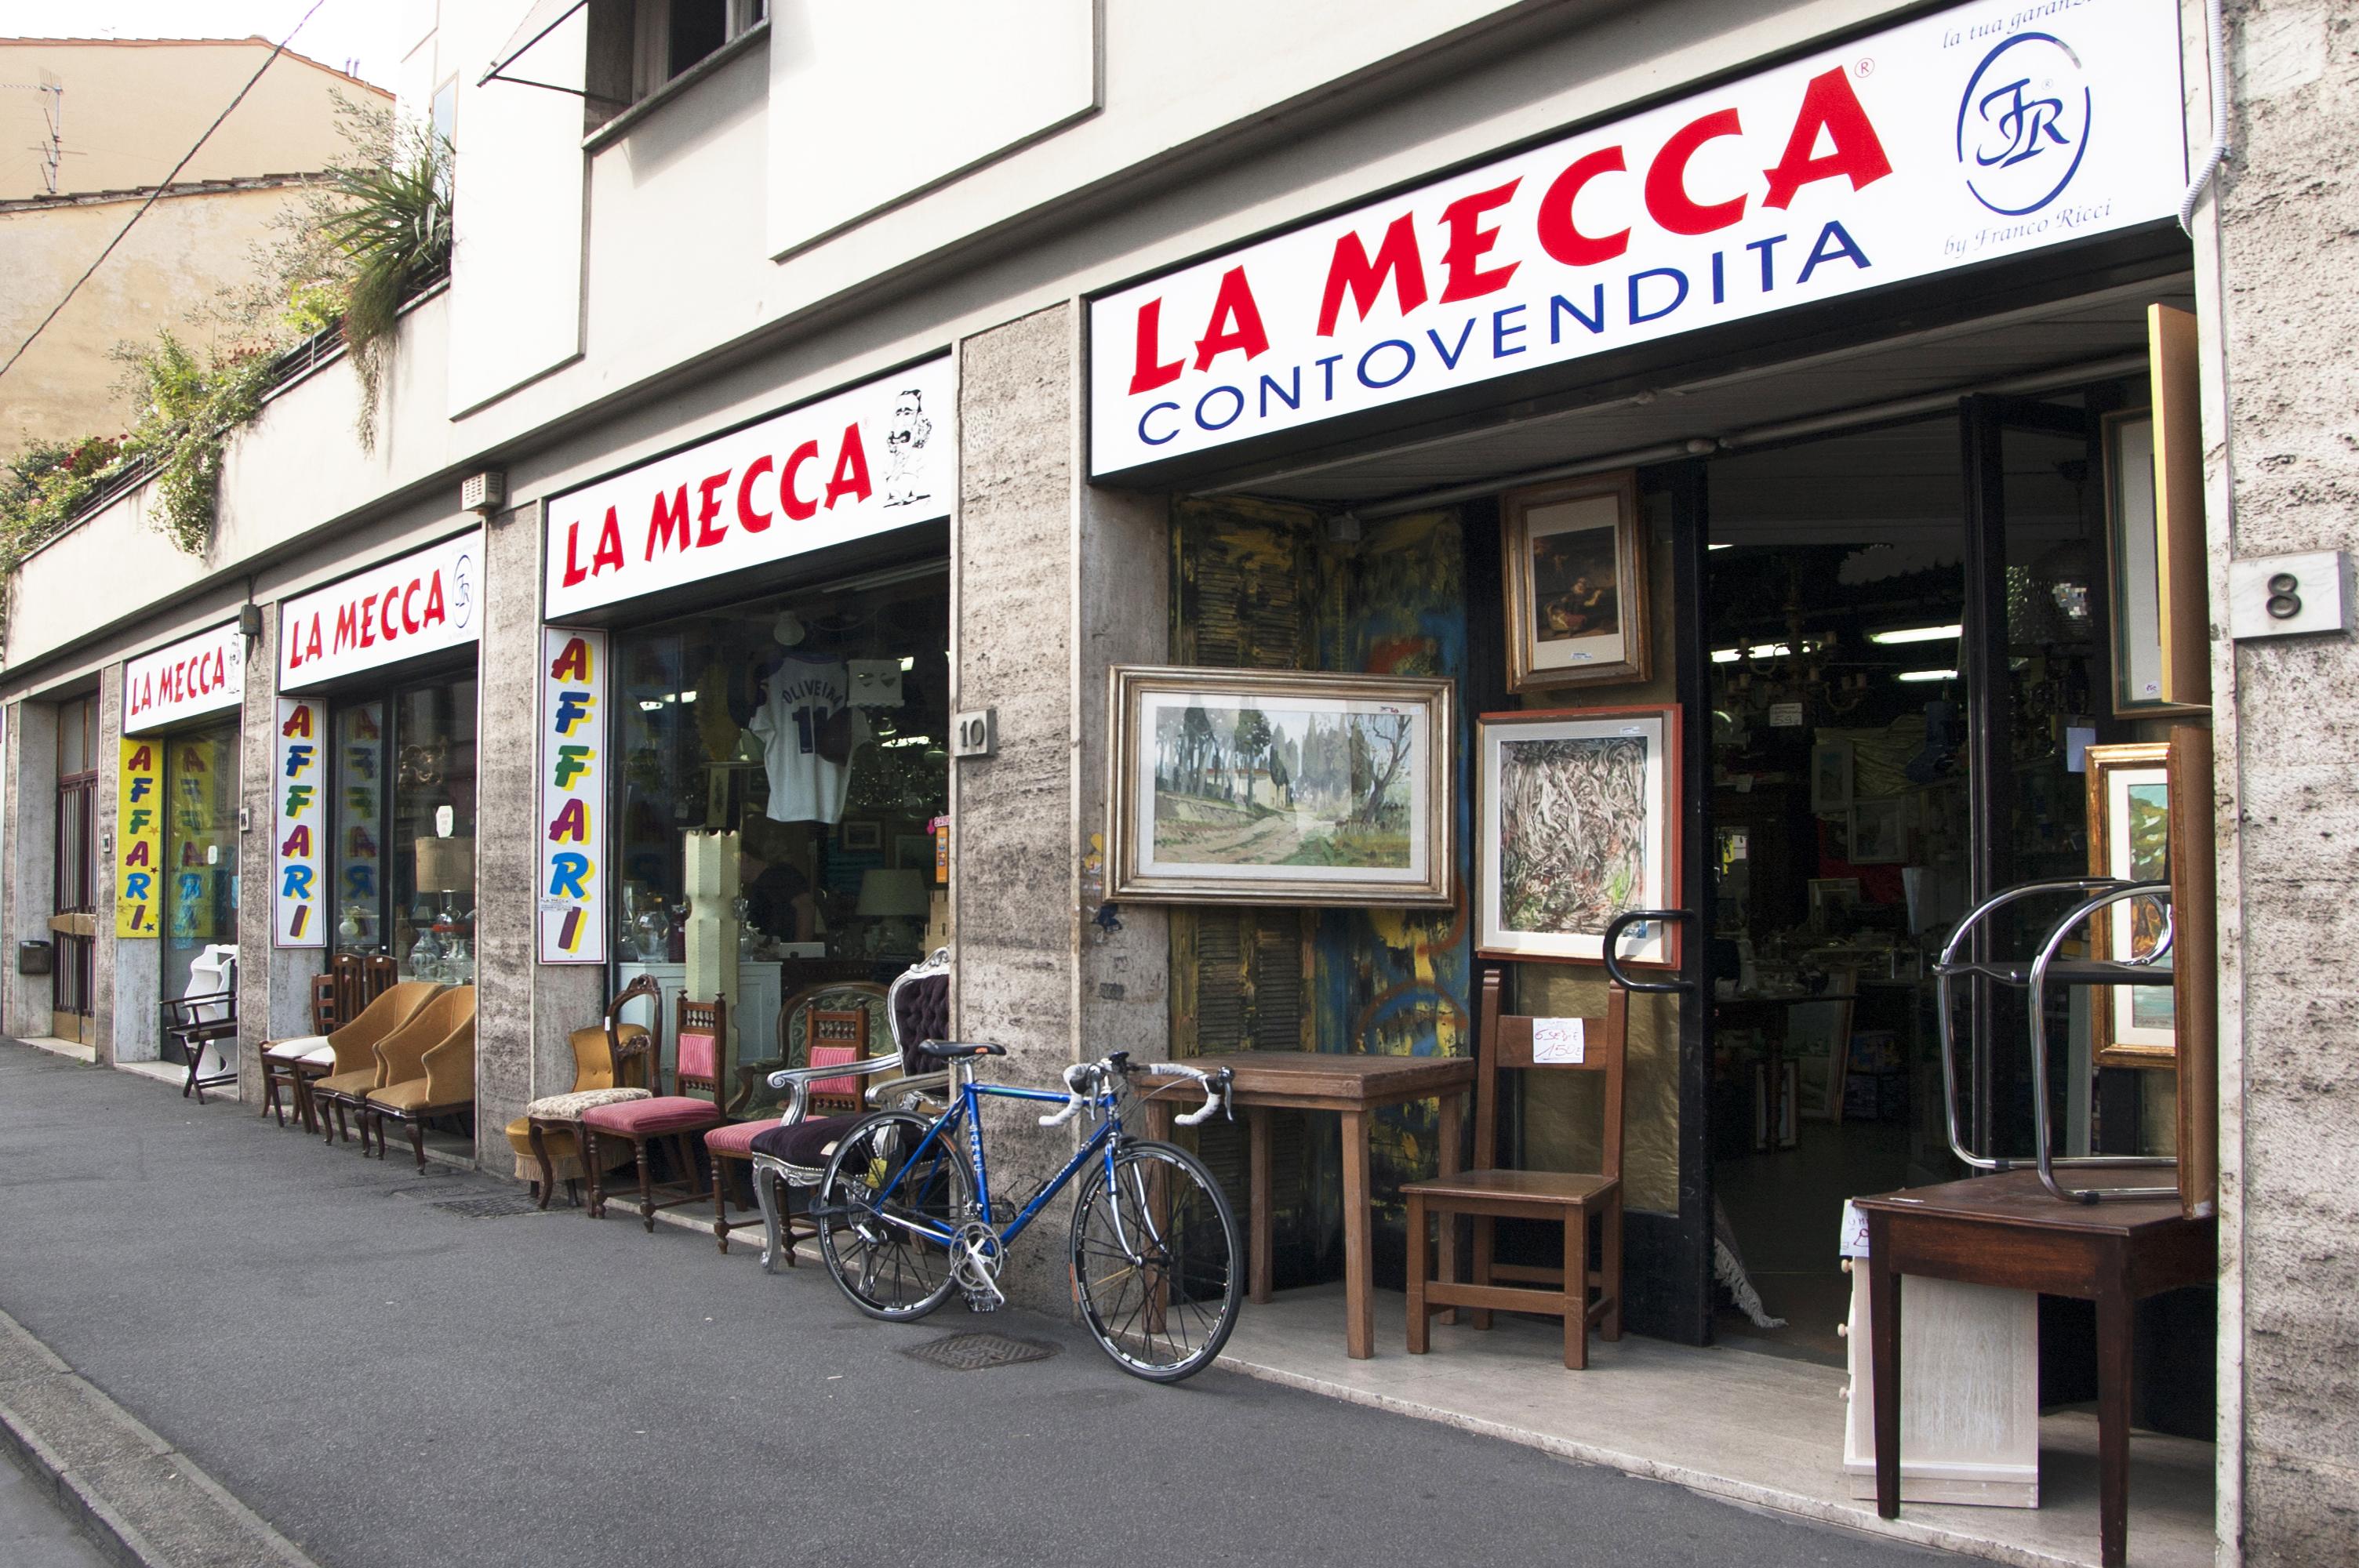 La Mecca - Contovendita e Compravendita | Vendita mobili usati ...